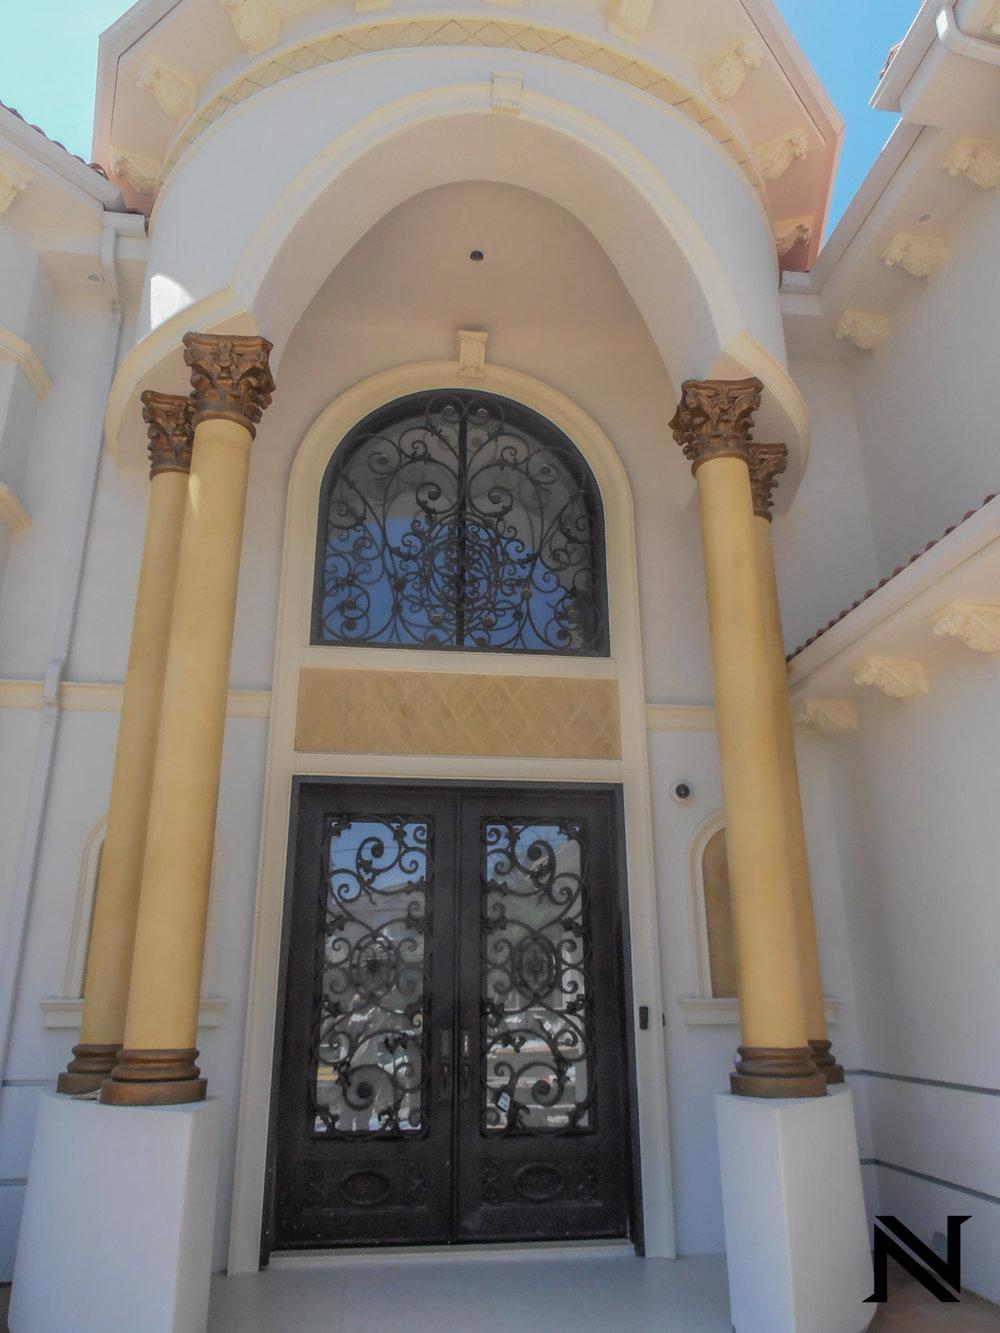 Doors B14